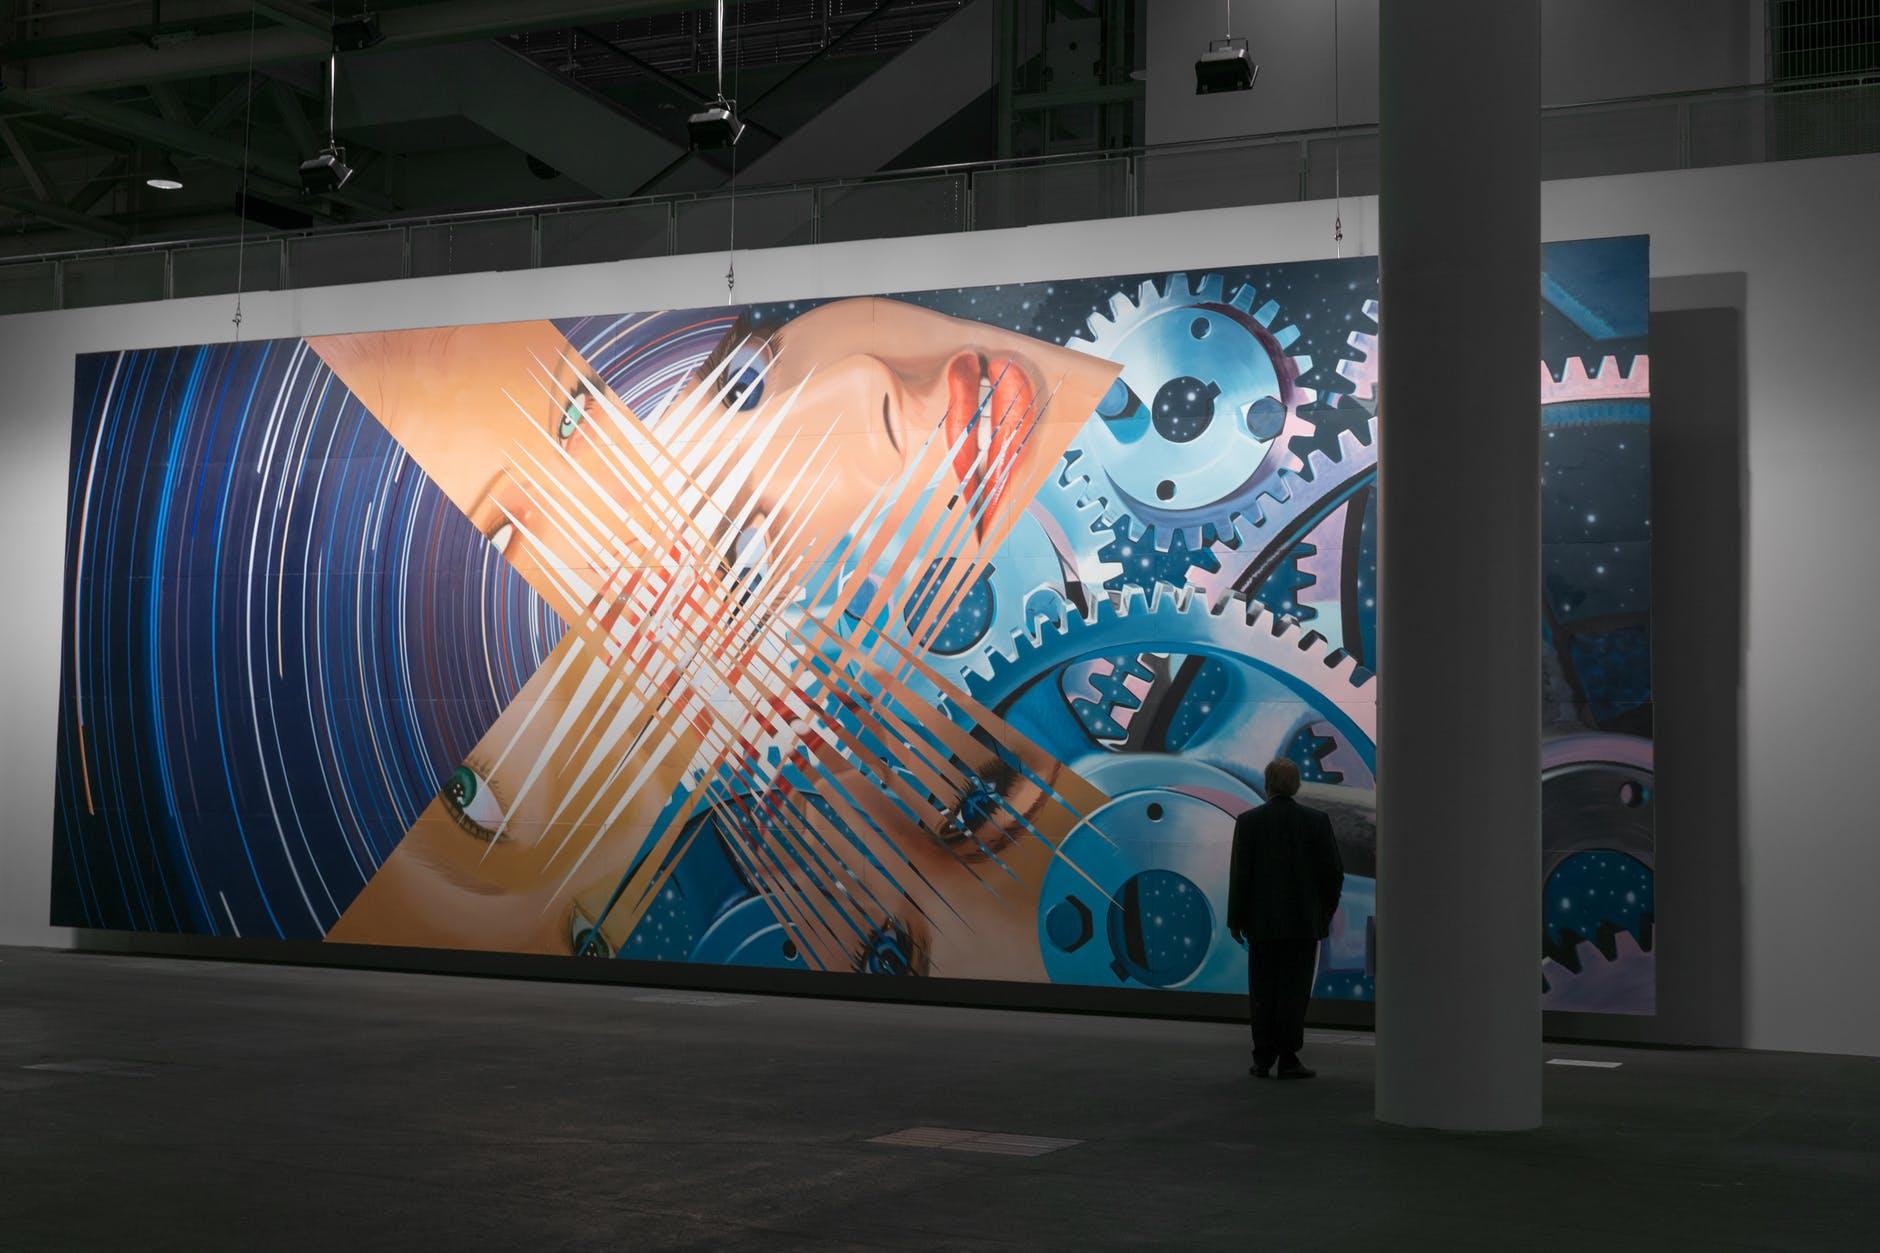 Influencia del futurismo en el diseño gráfico